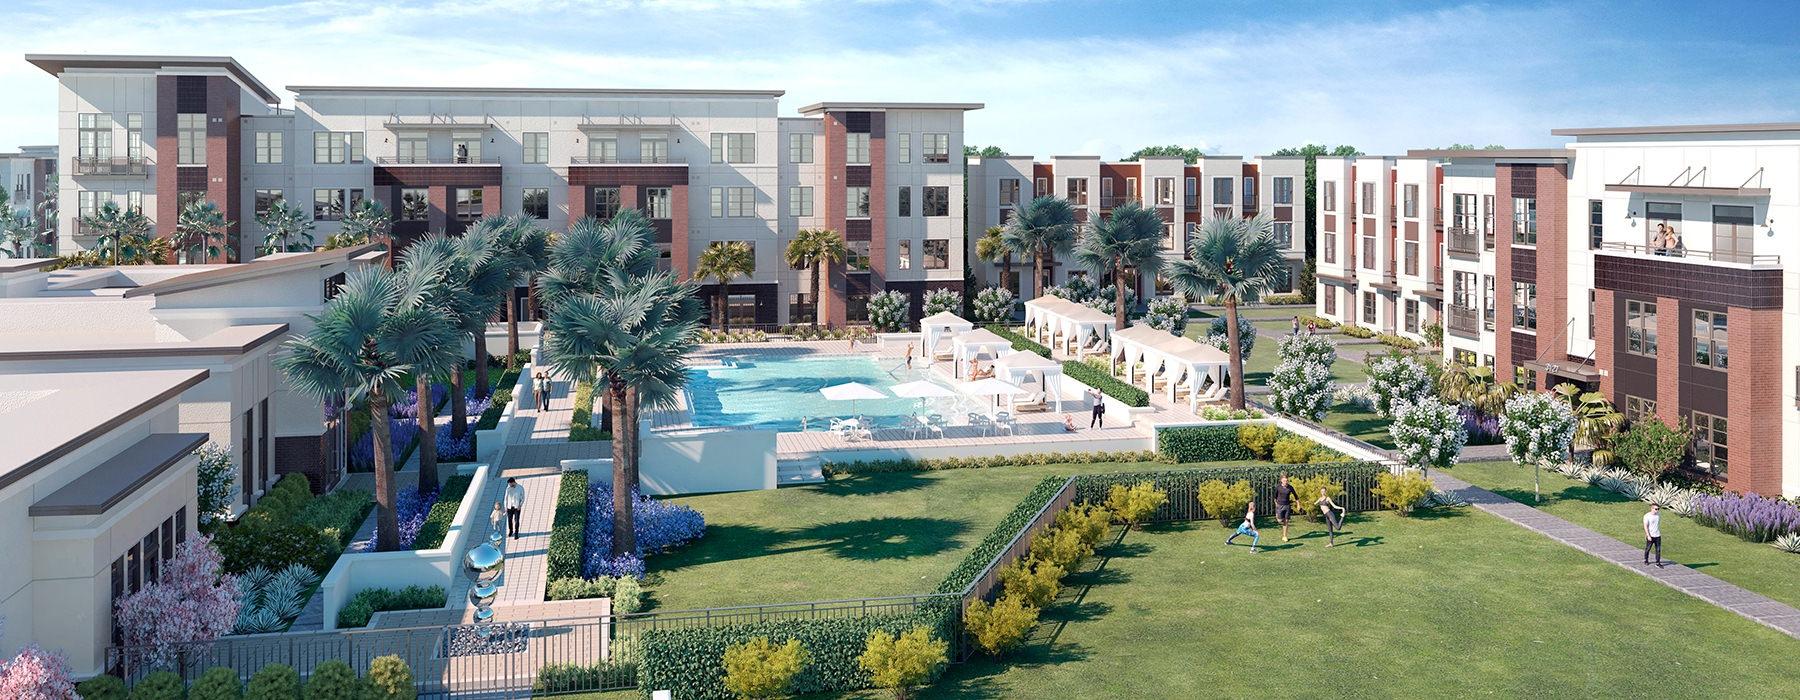 aerial rendering of pool area